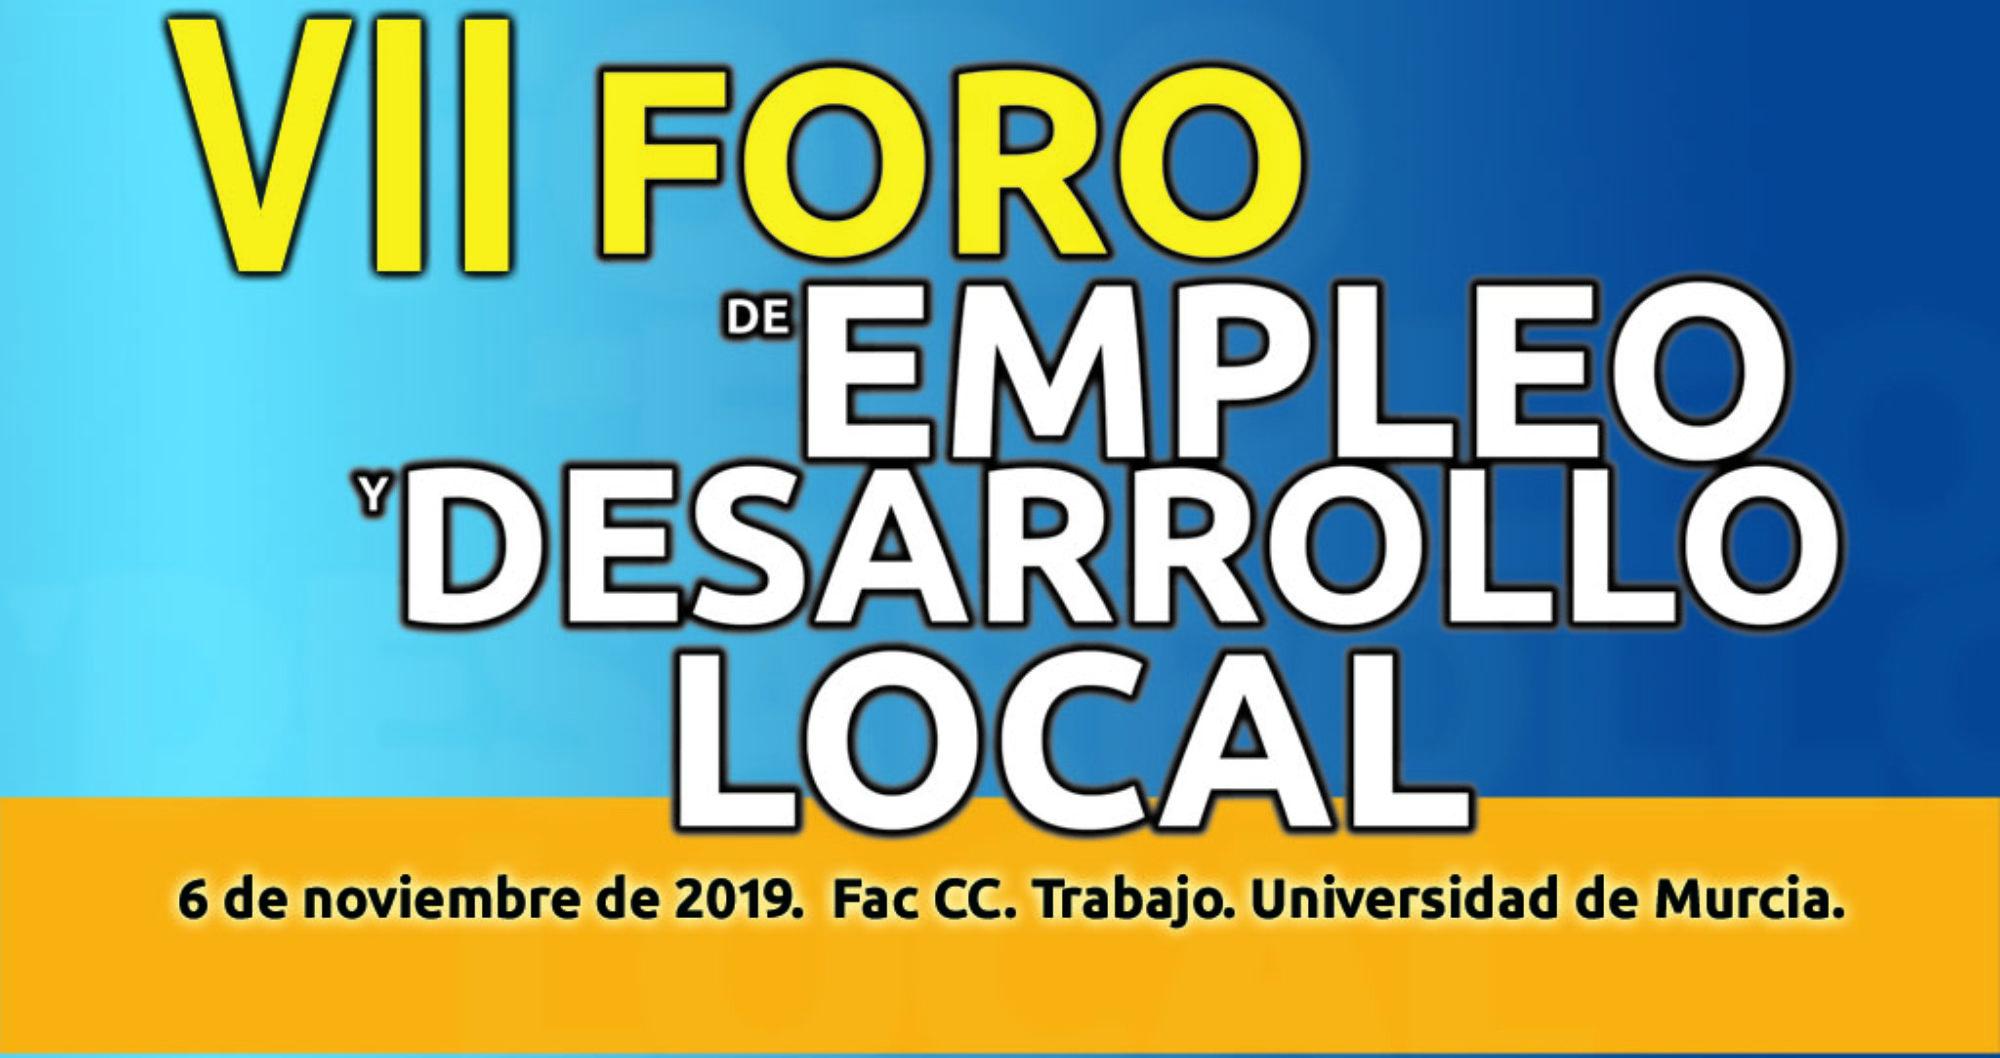 VII Foro de Empleo y Desarrollo Local